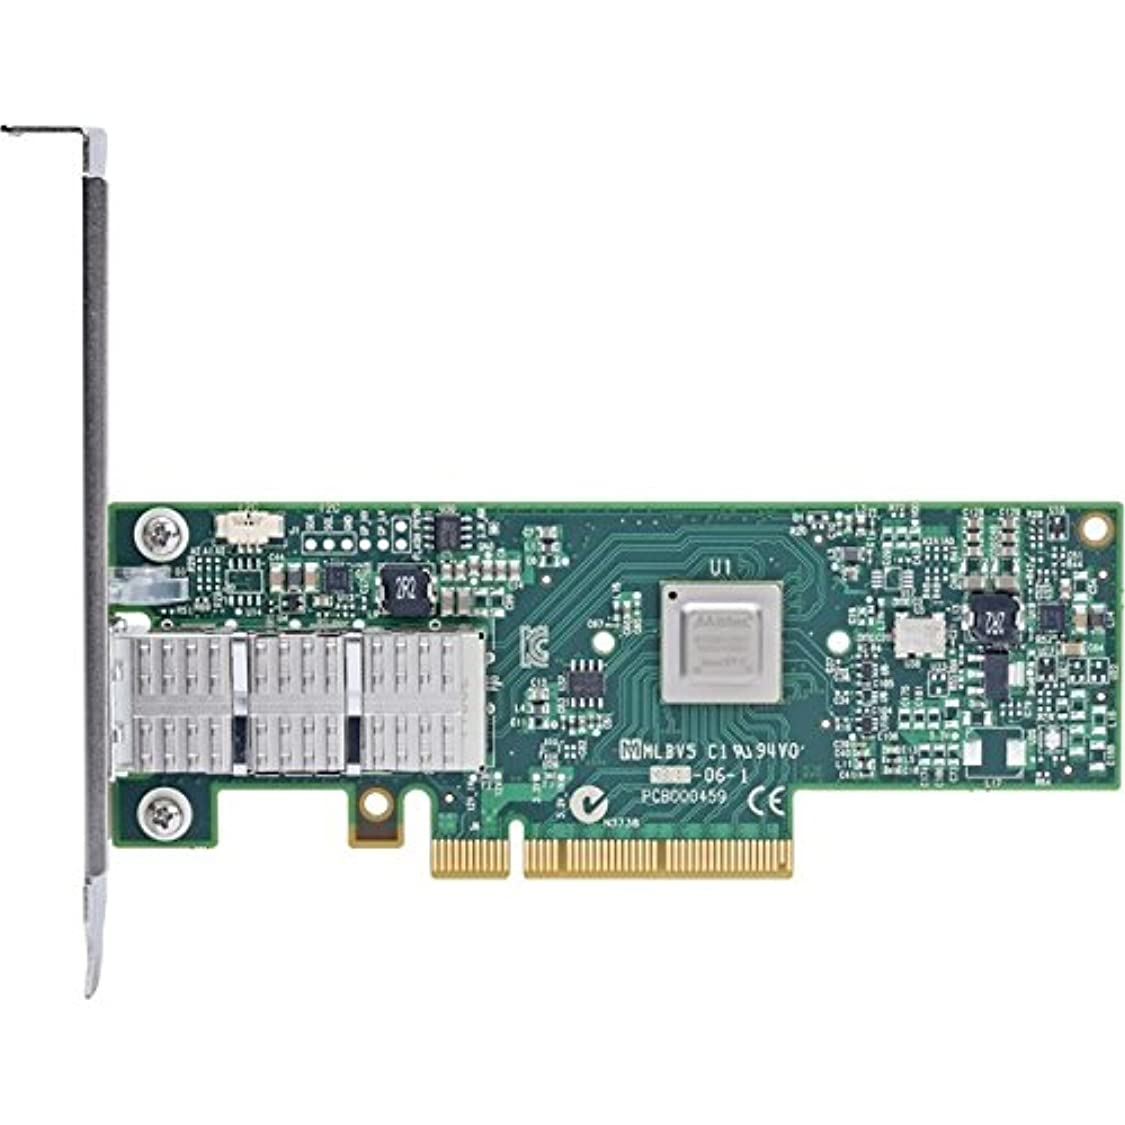 セブン支払いそれにもかかわらずMellanox MCX353A-TCBT 10Gigabit Ethernet Card - ConnectX 3 VPI Fibre Optic Card PCI Express x8